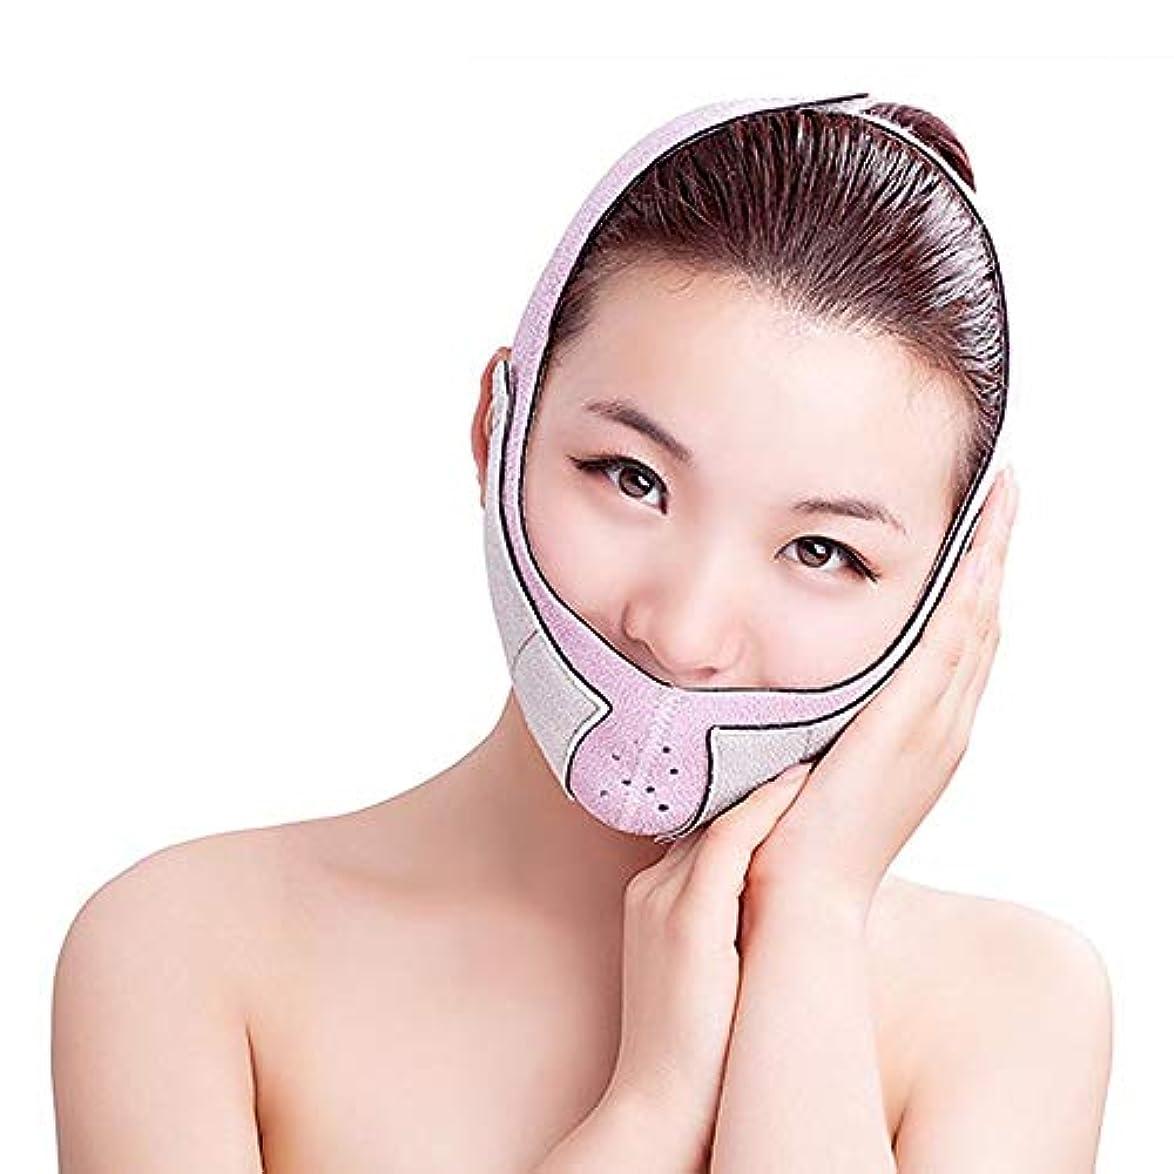 逆にマージン栄光フェイスリフトベルト 薄い顔のベルト - 薄い顔のベルト通気性の補正3D薄い顔のV顔のベルトの包帯薄い顔のアーティファクト (色 : B)